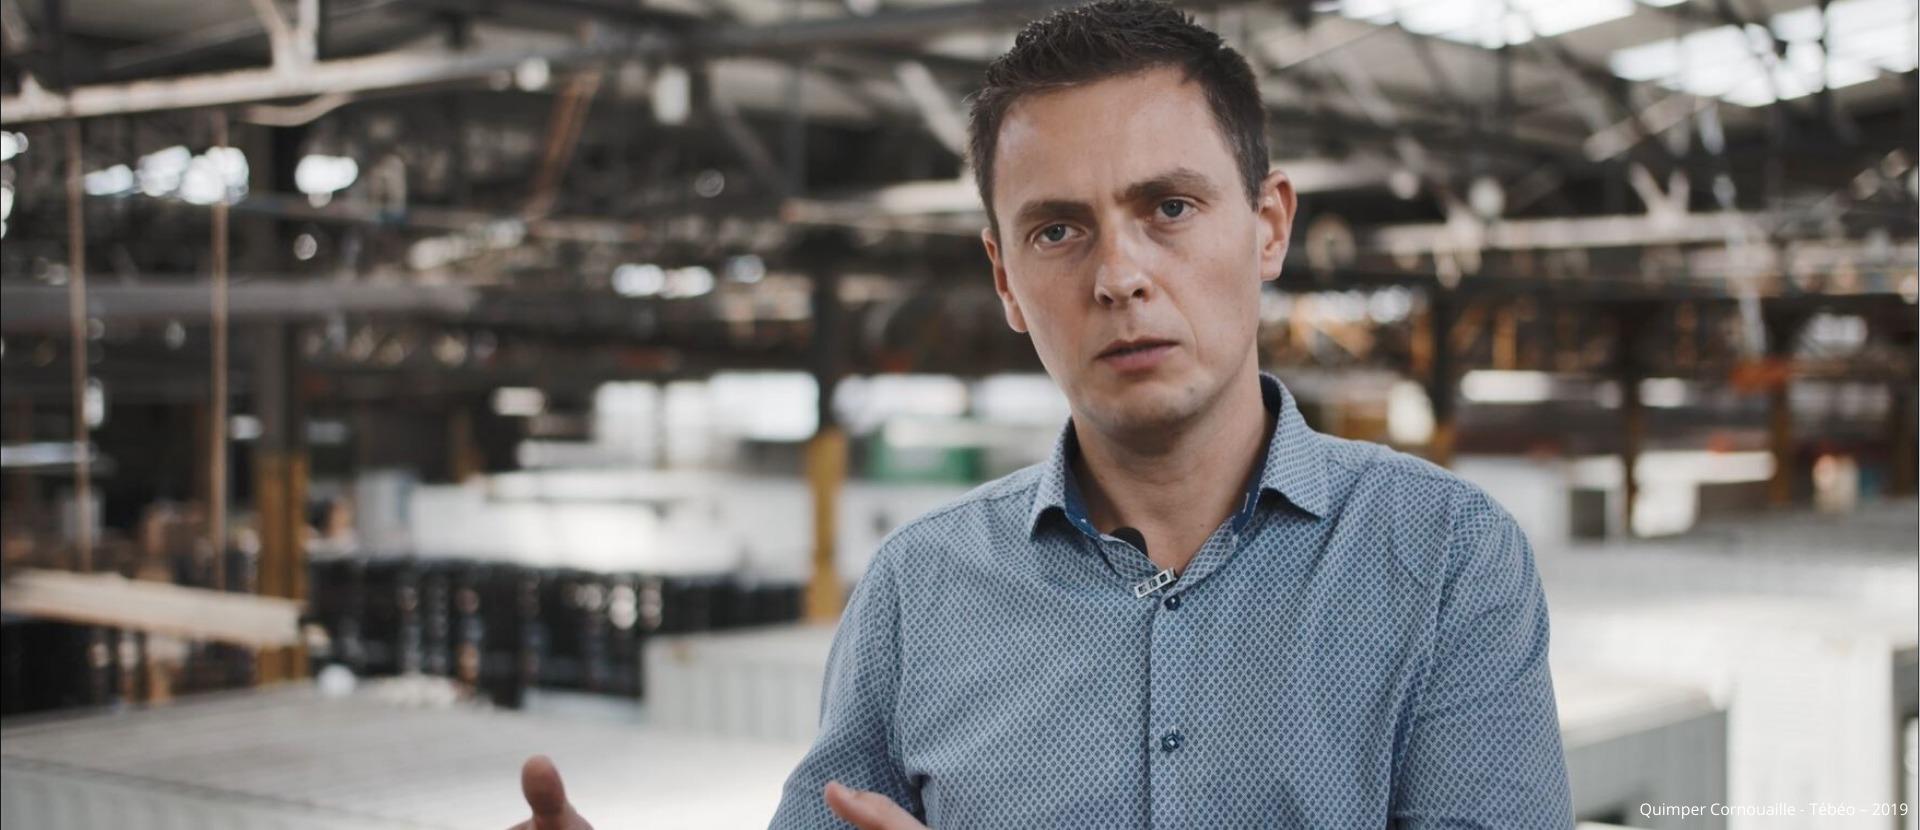 Christopher Franquet, talent de Quimper Cornouaille, fondateur de Entech Smart Energies, Quimper, star up transition énergétique